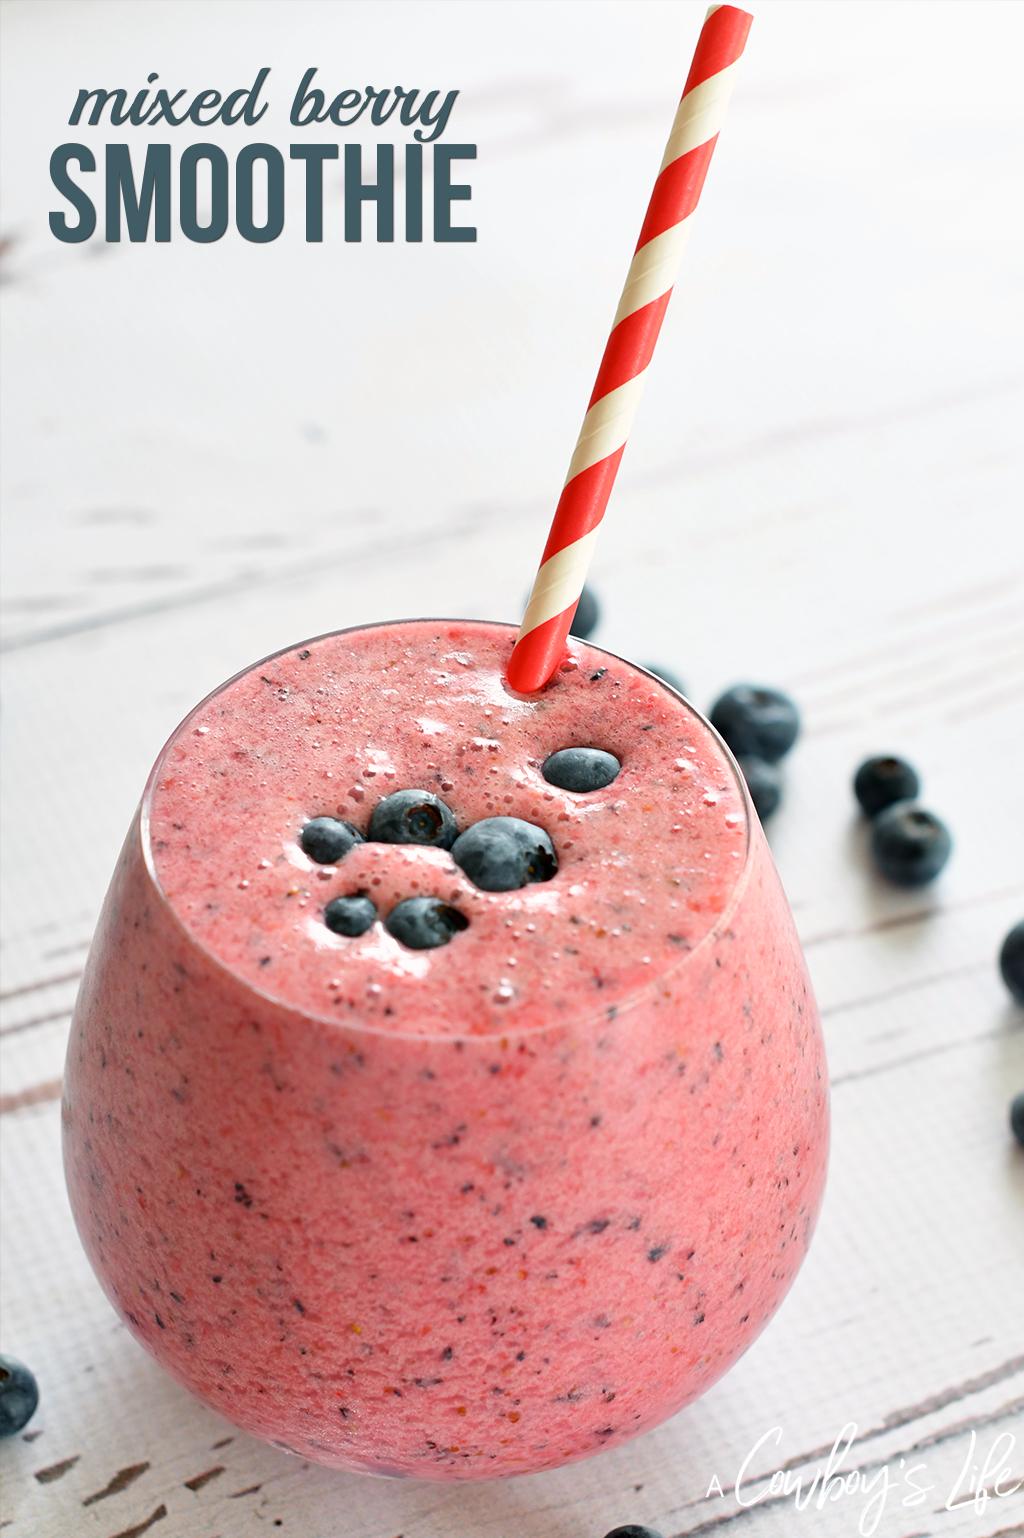 Keto friendly mixed berry smoothie